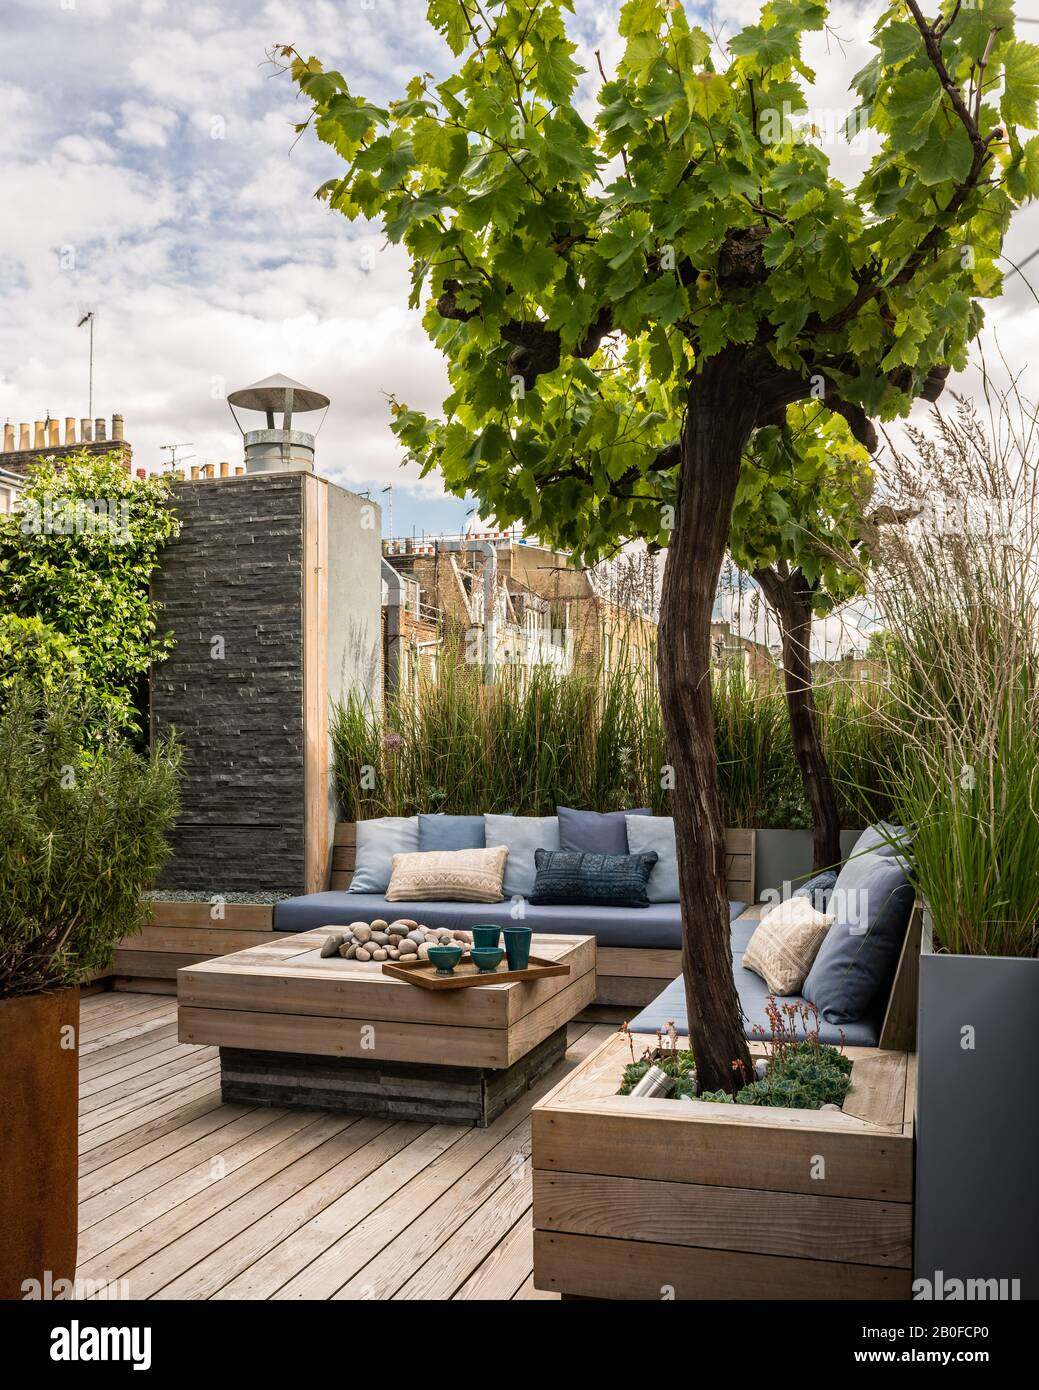 Jardin design par Adolfo Harrison sur la terrasse sur le toit de l'appartement ouest de Londres Banque D'Images